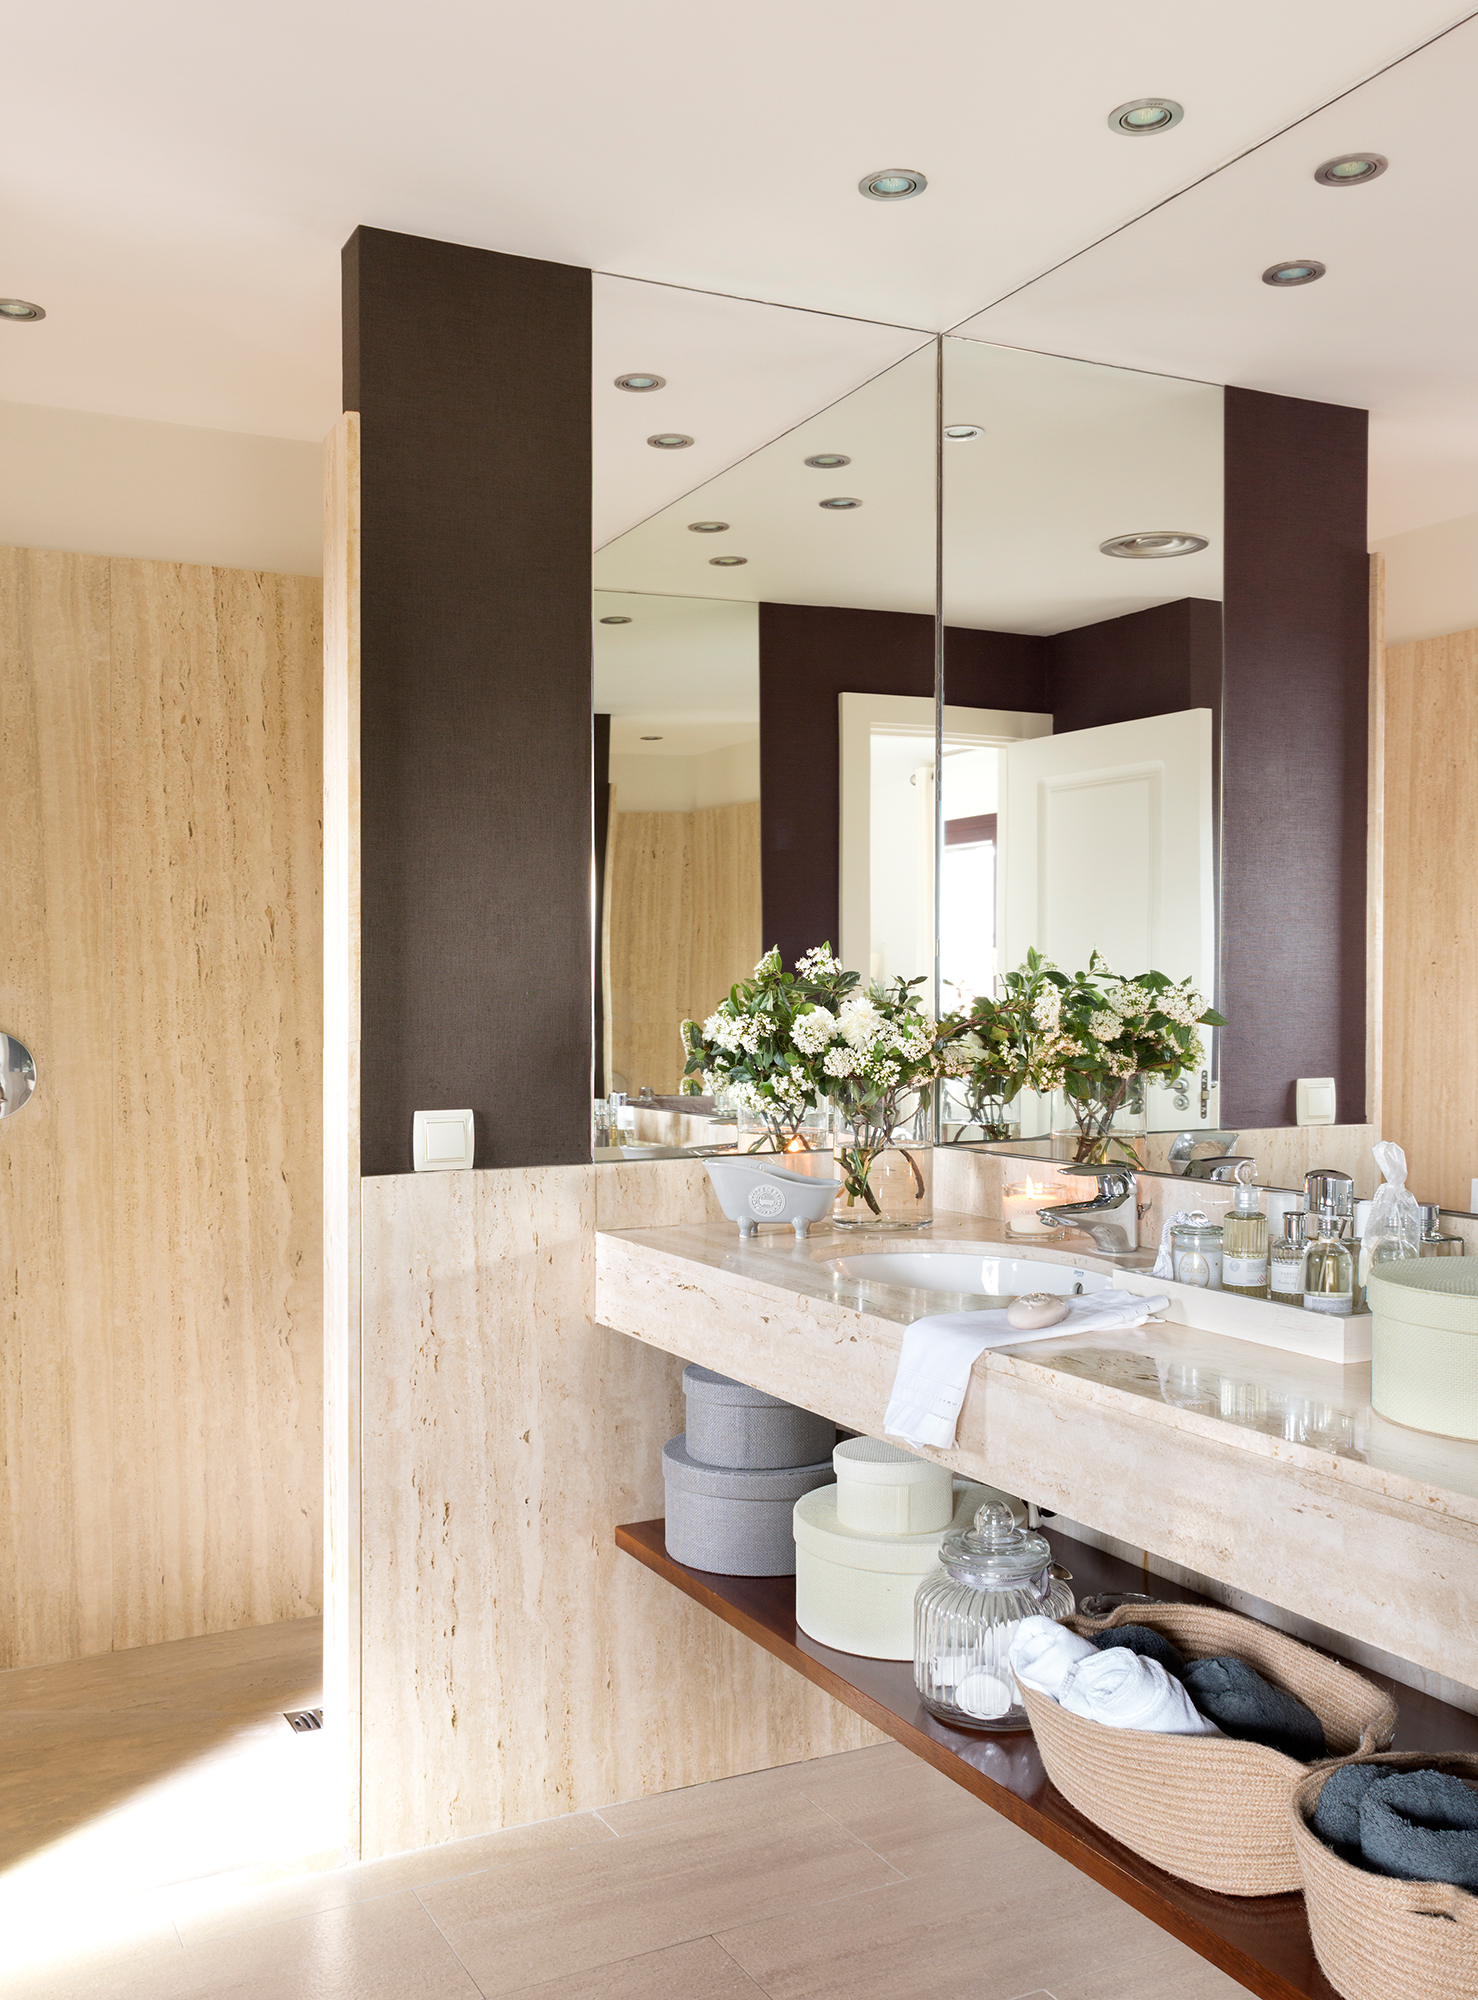 Espejos de ba o 15 dise os de todos los estilos - Lamparas para espejos de bano ...